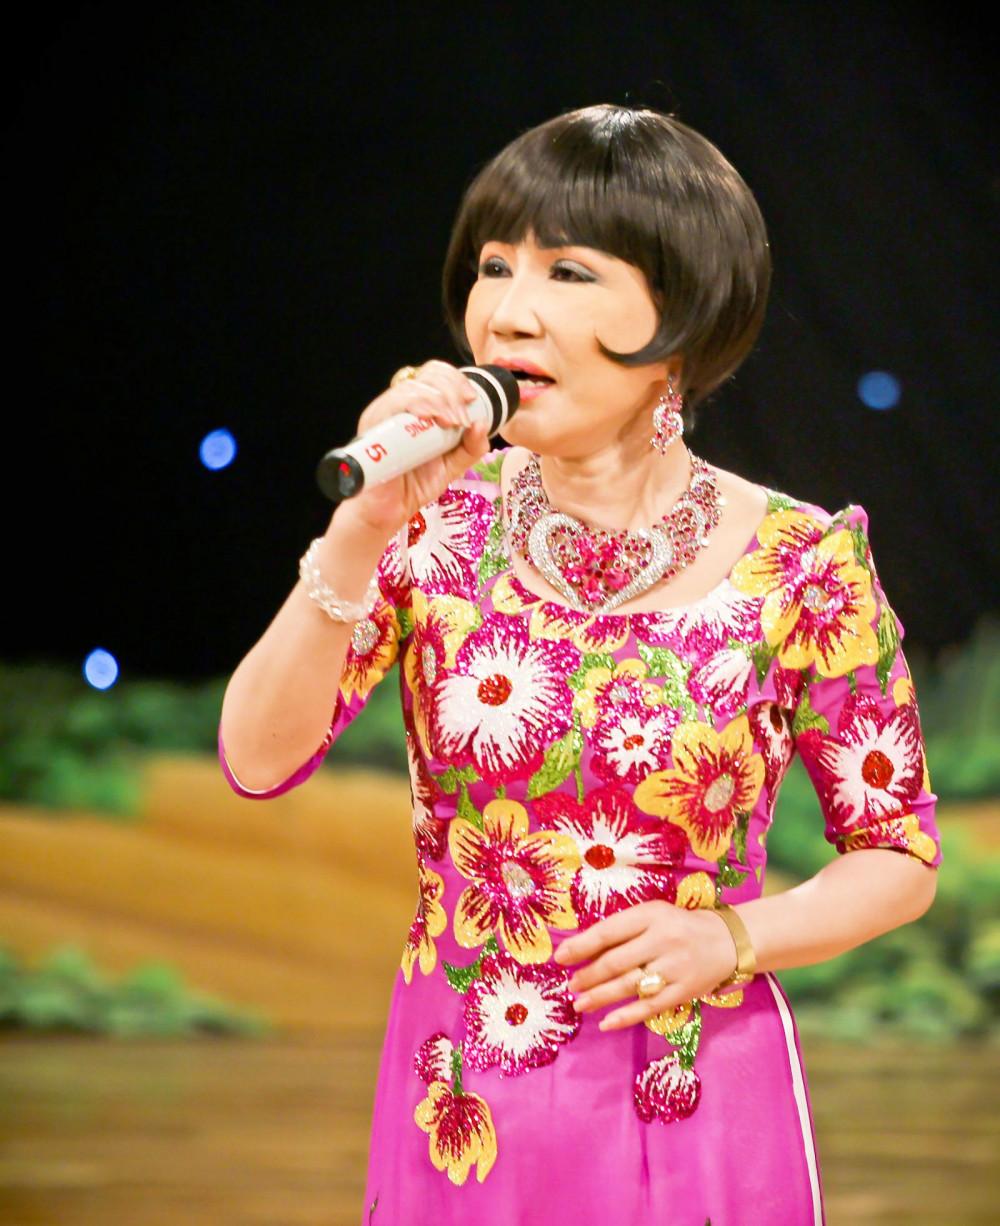 Nghệ sĩ Thanh Kim Huệ đề cao giá trị của khiêm tốn trong sự thành công của một nghệ sĩ